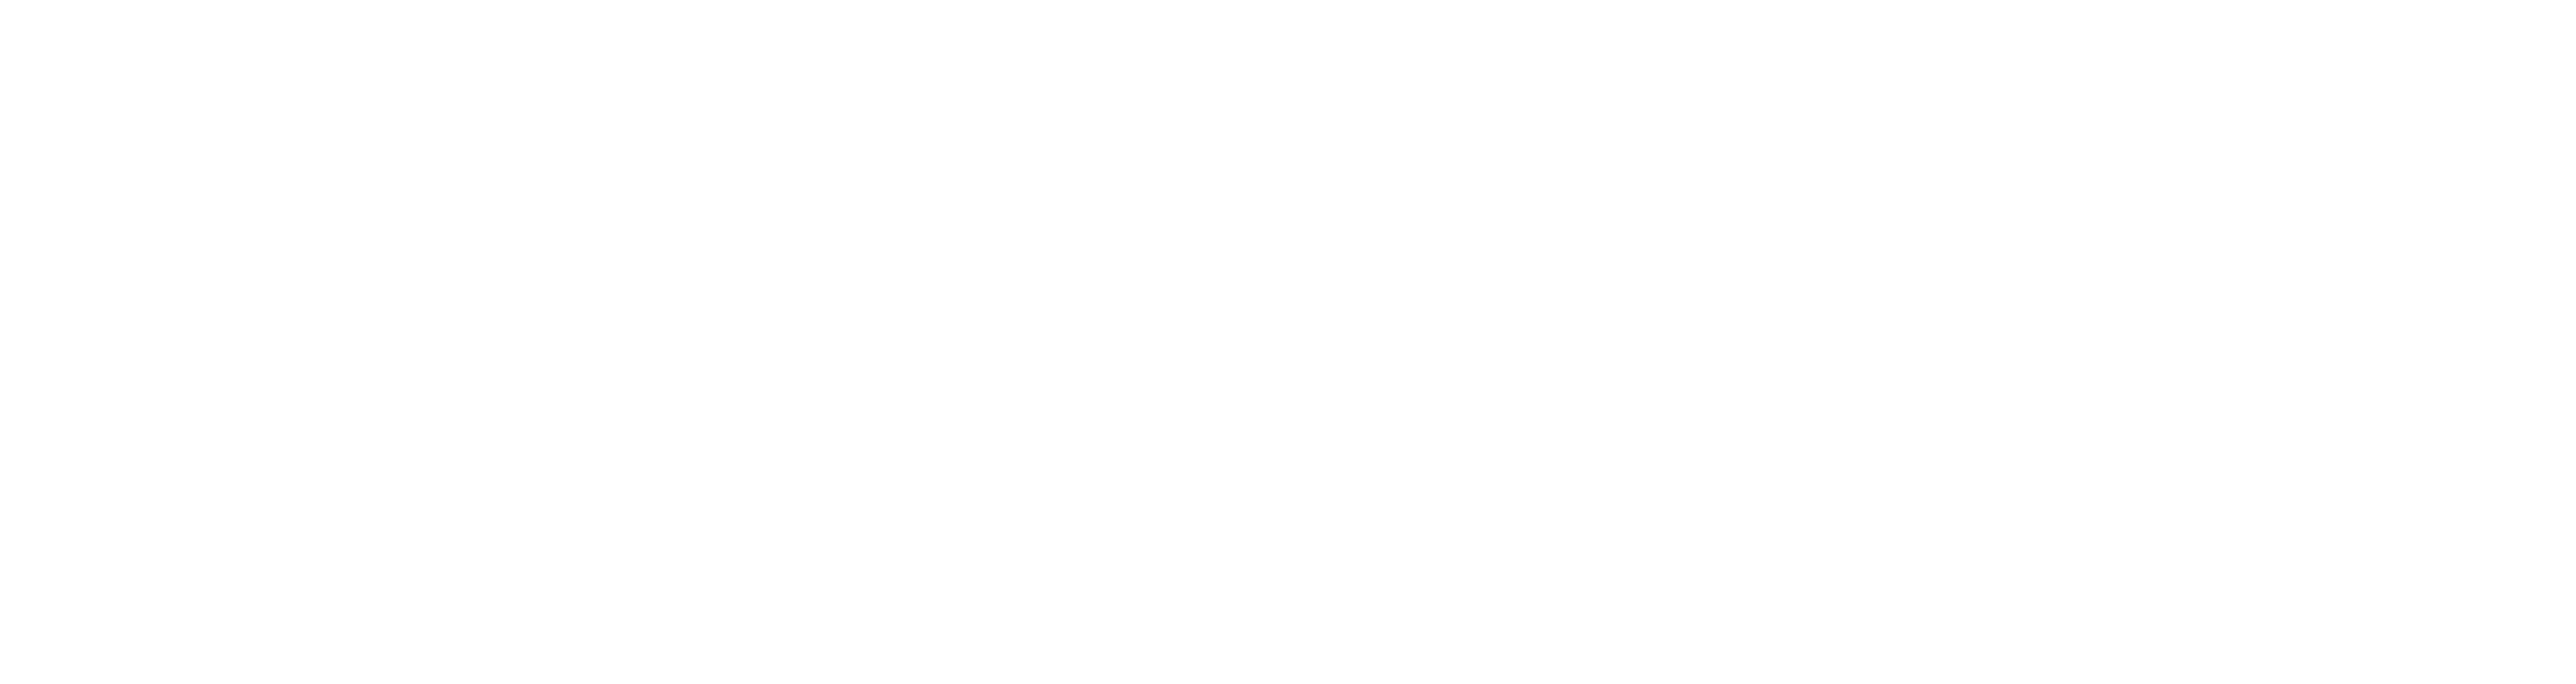 Bergladen.at-Logo